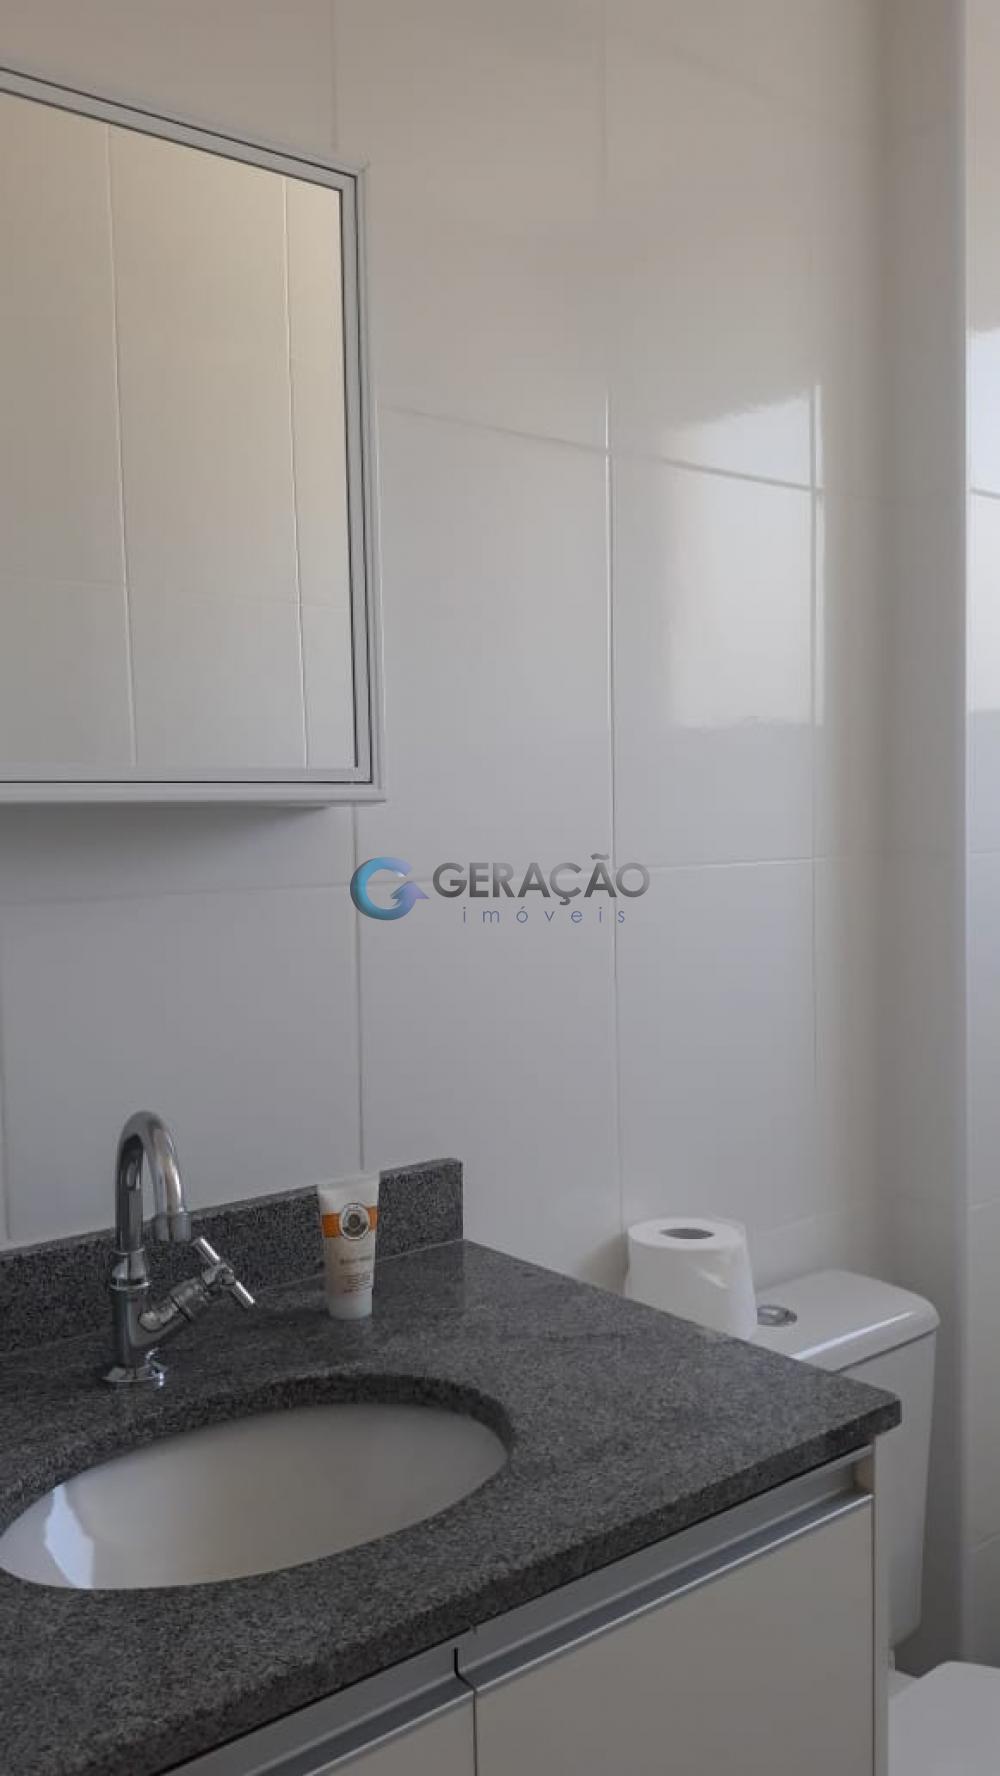 Alugar Apartamento / Padrão em São José dos Campos R$ 1.100,00 - Foto 11